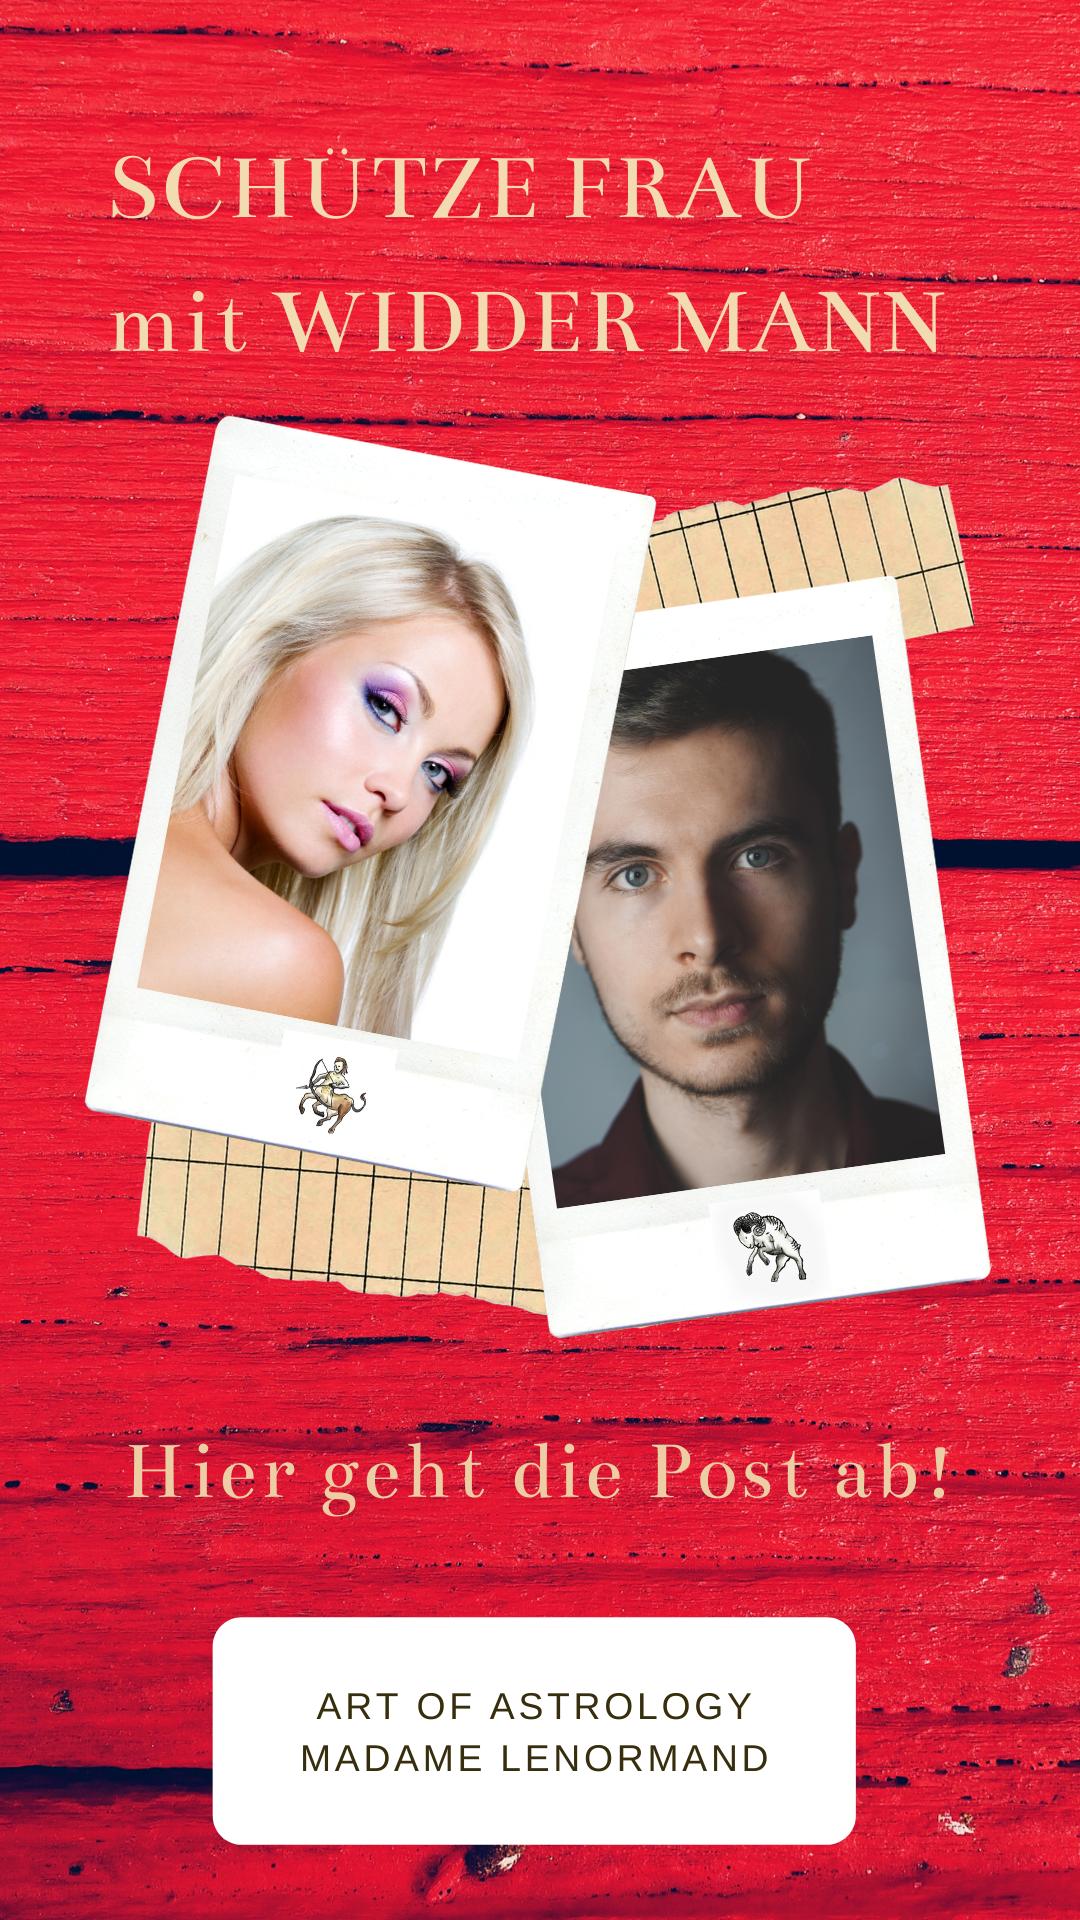 Widder-Mann & Schütze-Frau in 2020 | Widder, Sternzeichen